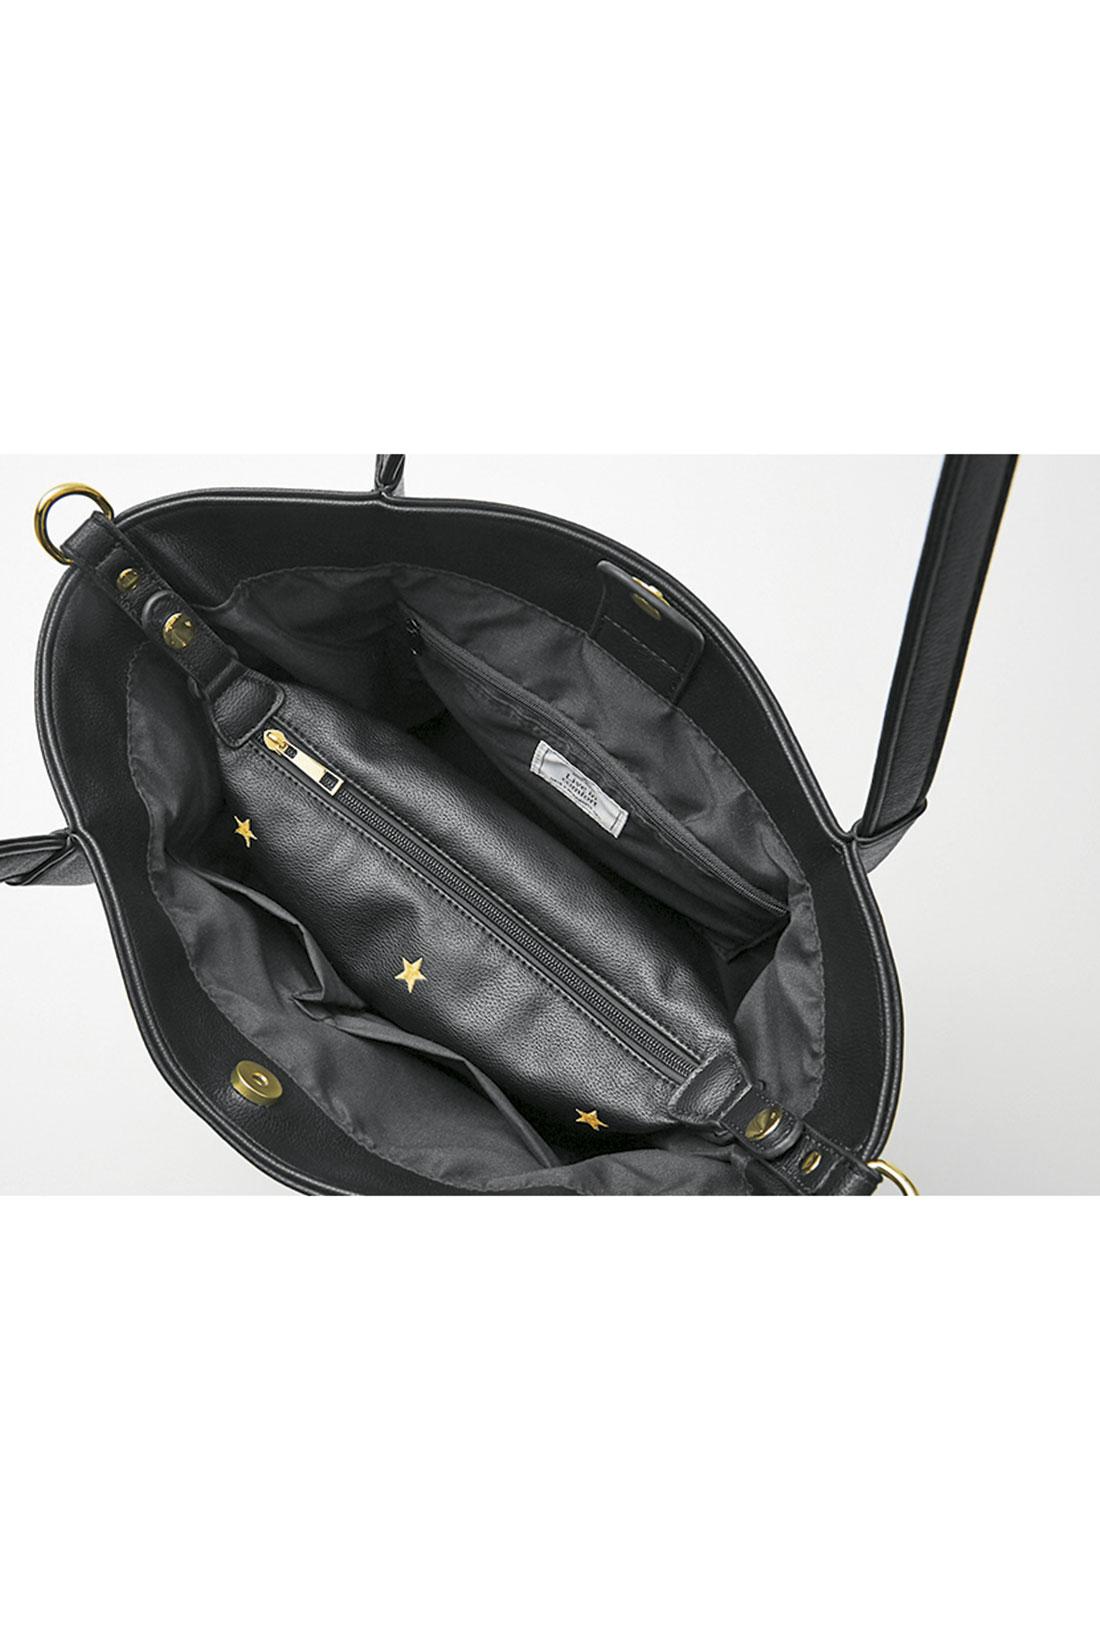 ショルダーを外したちびバッグをトートバッグに付いているスナップで留めてドッキング。中でポーチが泳がず、荷物の出し入れもスムーズ。